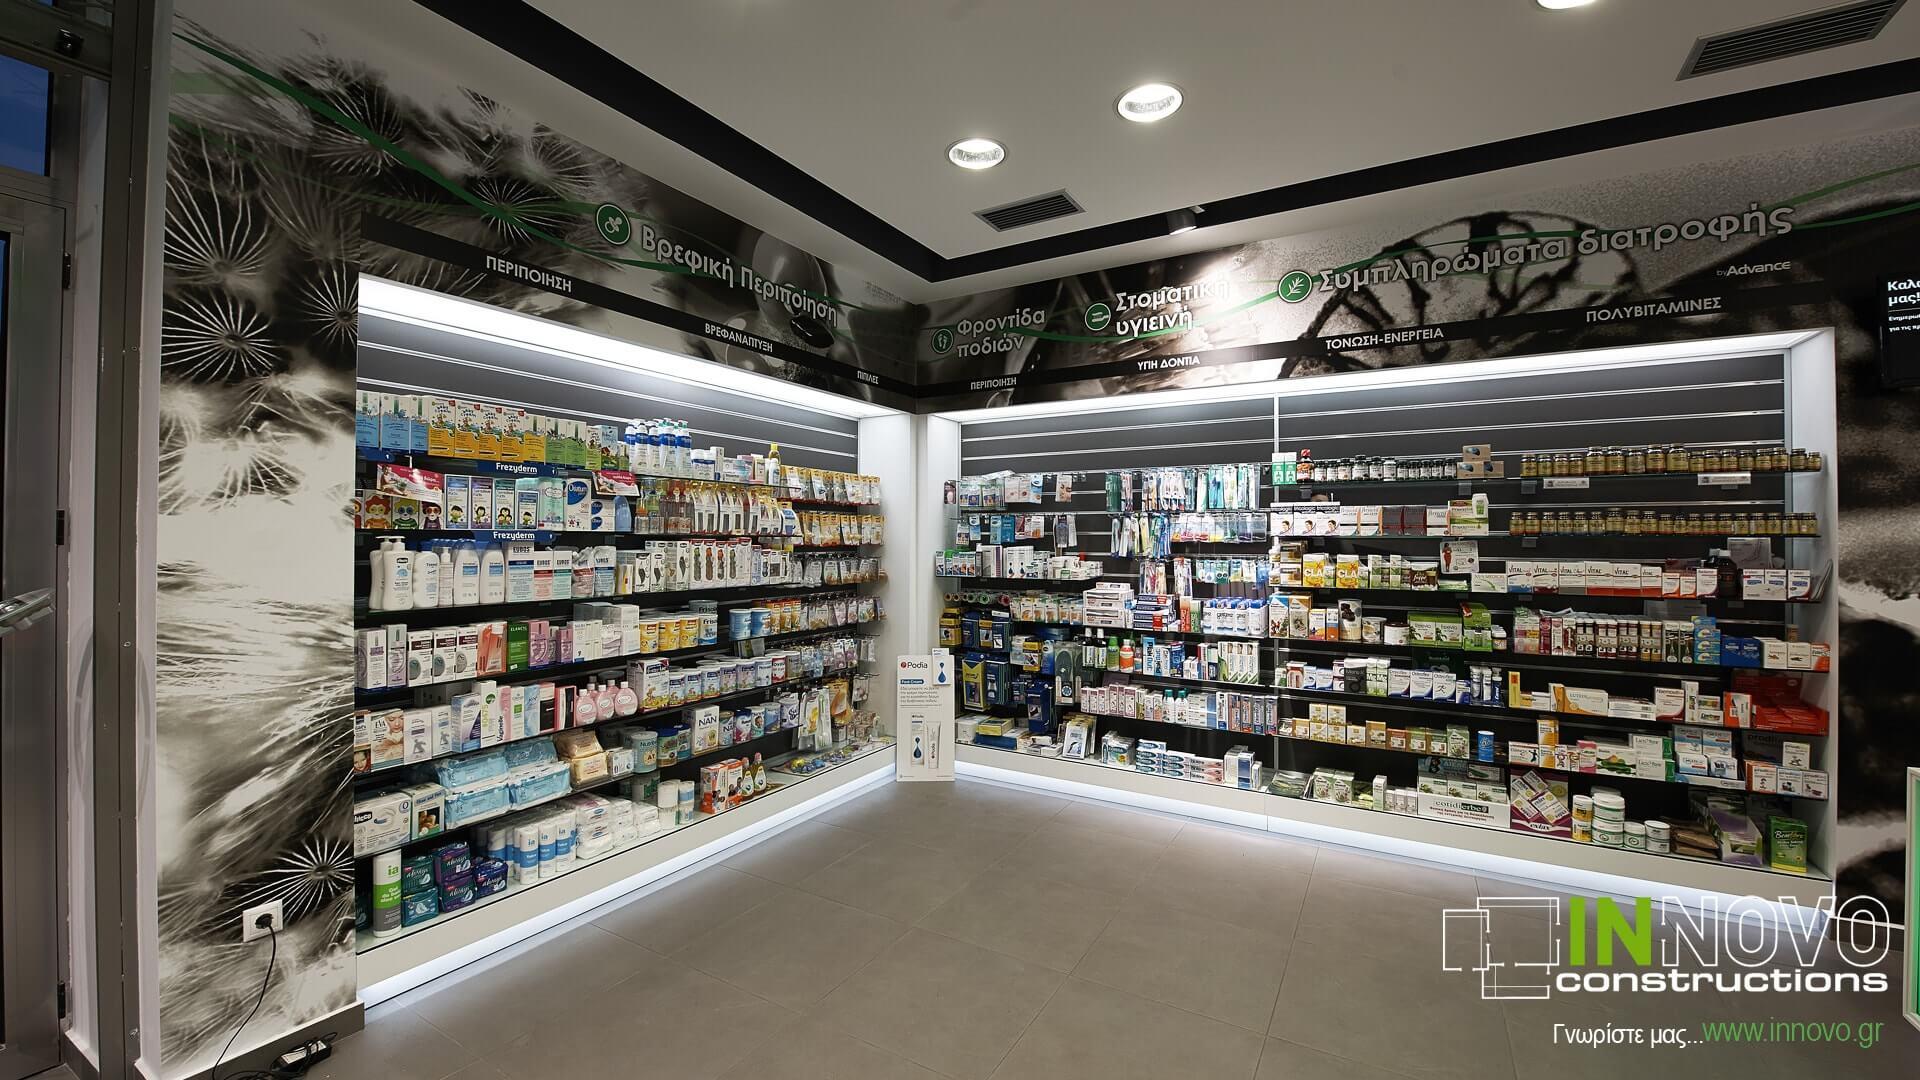 Ανακαίνιση φαρμακείου Μέγαρα